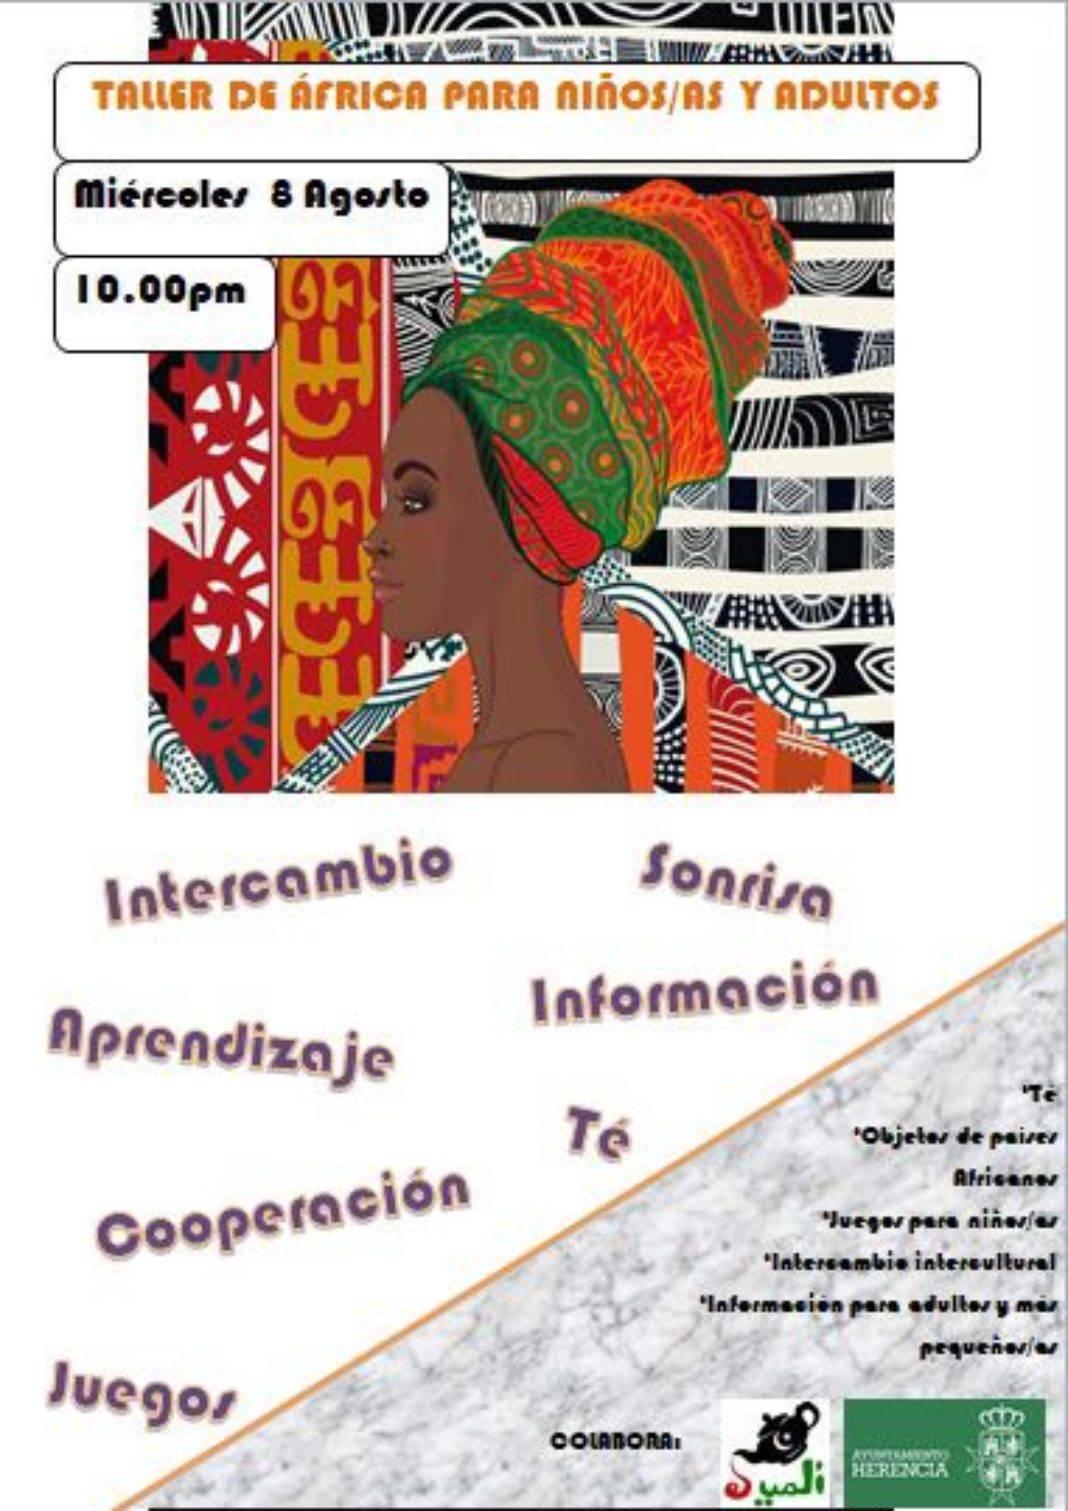 Taller de Africa para niños y adultos 1068x1511 - El Uali organiza un taller de África en la plaza